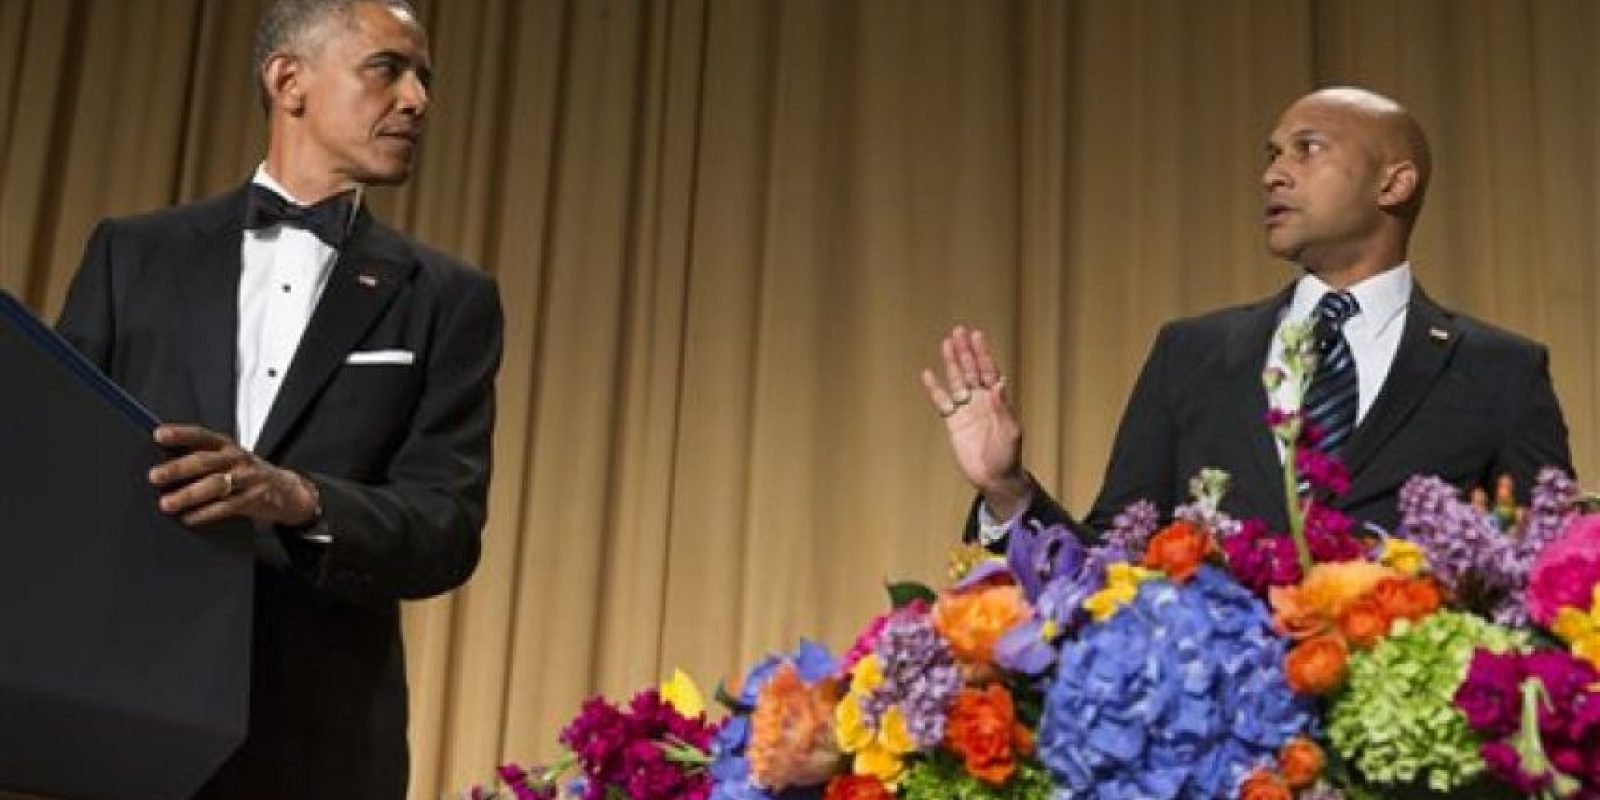 Presentó a Joe Biden abatiendo un dron con un bate de béisbol y a John McCain como espantapájaros en la entrada de la Casa Blanca. Foto:vía AP